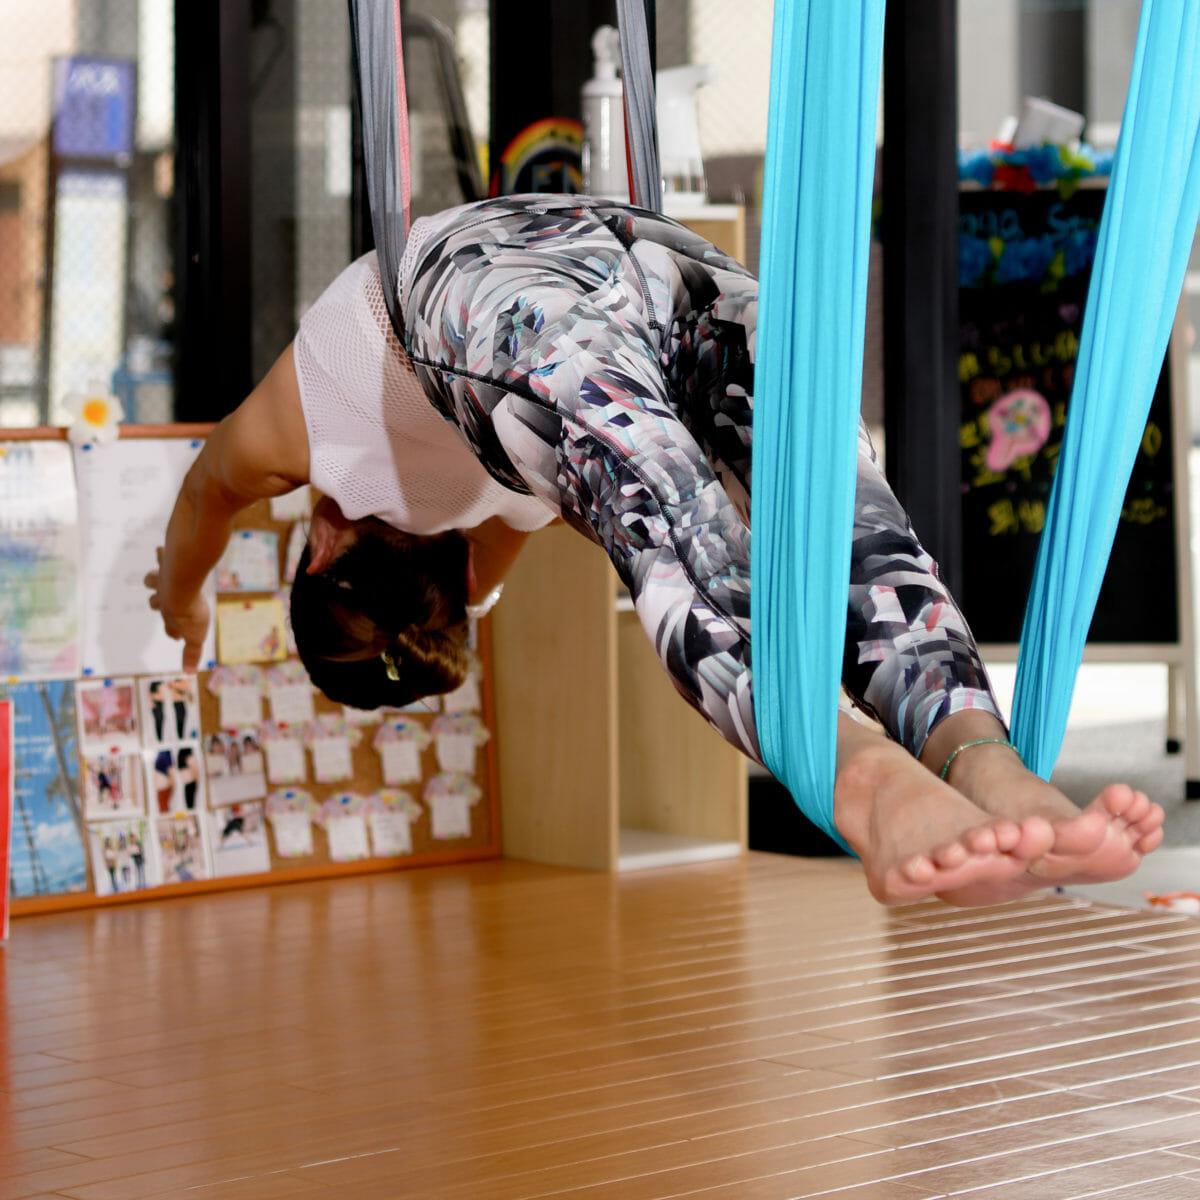 ホームページ素材 写真撮影 空中ヨガ(エアリアルヨガ) 出張写真撮影の事例 空中ヨガスタジオレイ熊本店